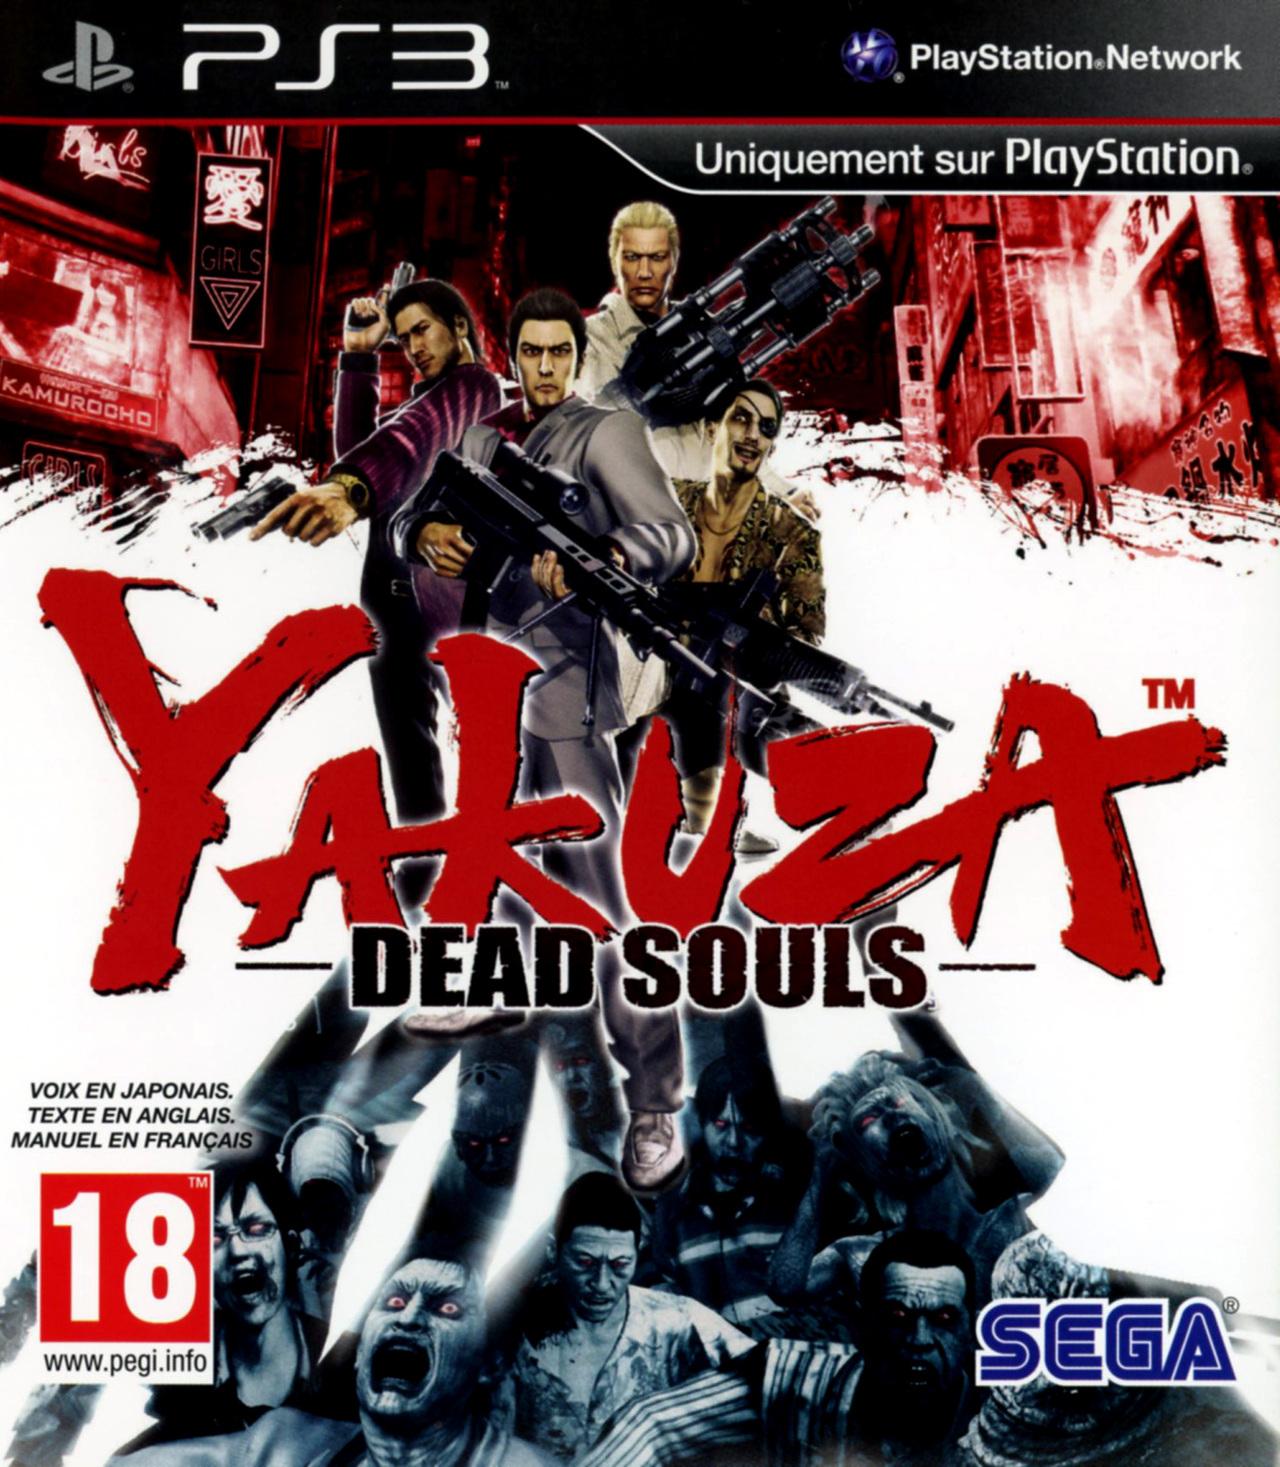 La saga YAKUZA Jaquette-yakuza-dead-souls-playstation-3-ps3-cover-avant-g-1332255609